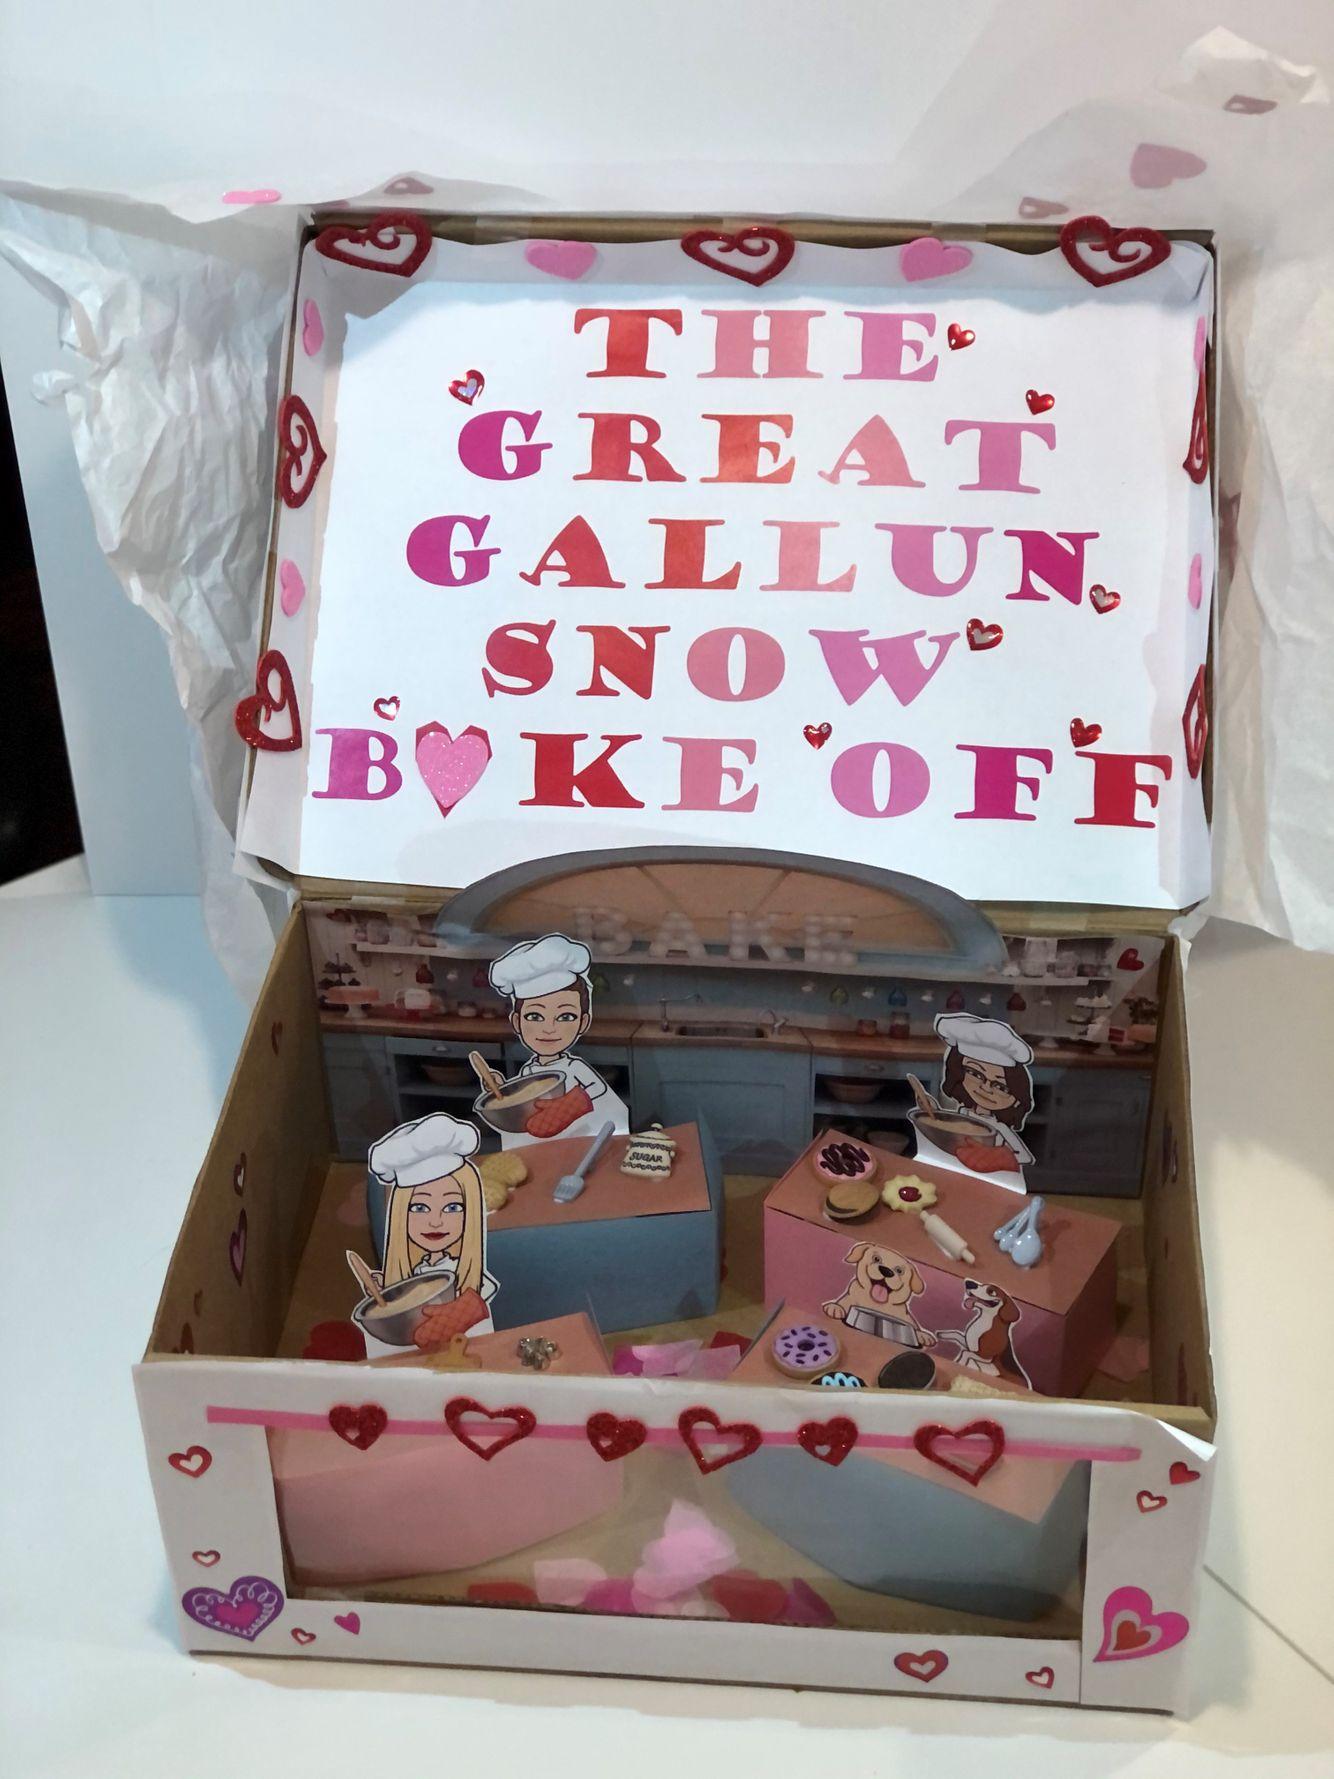 GALLUN SNOW PHOTO 1.jpg